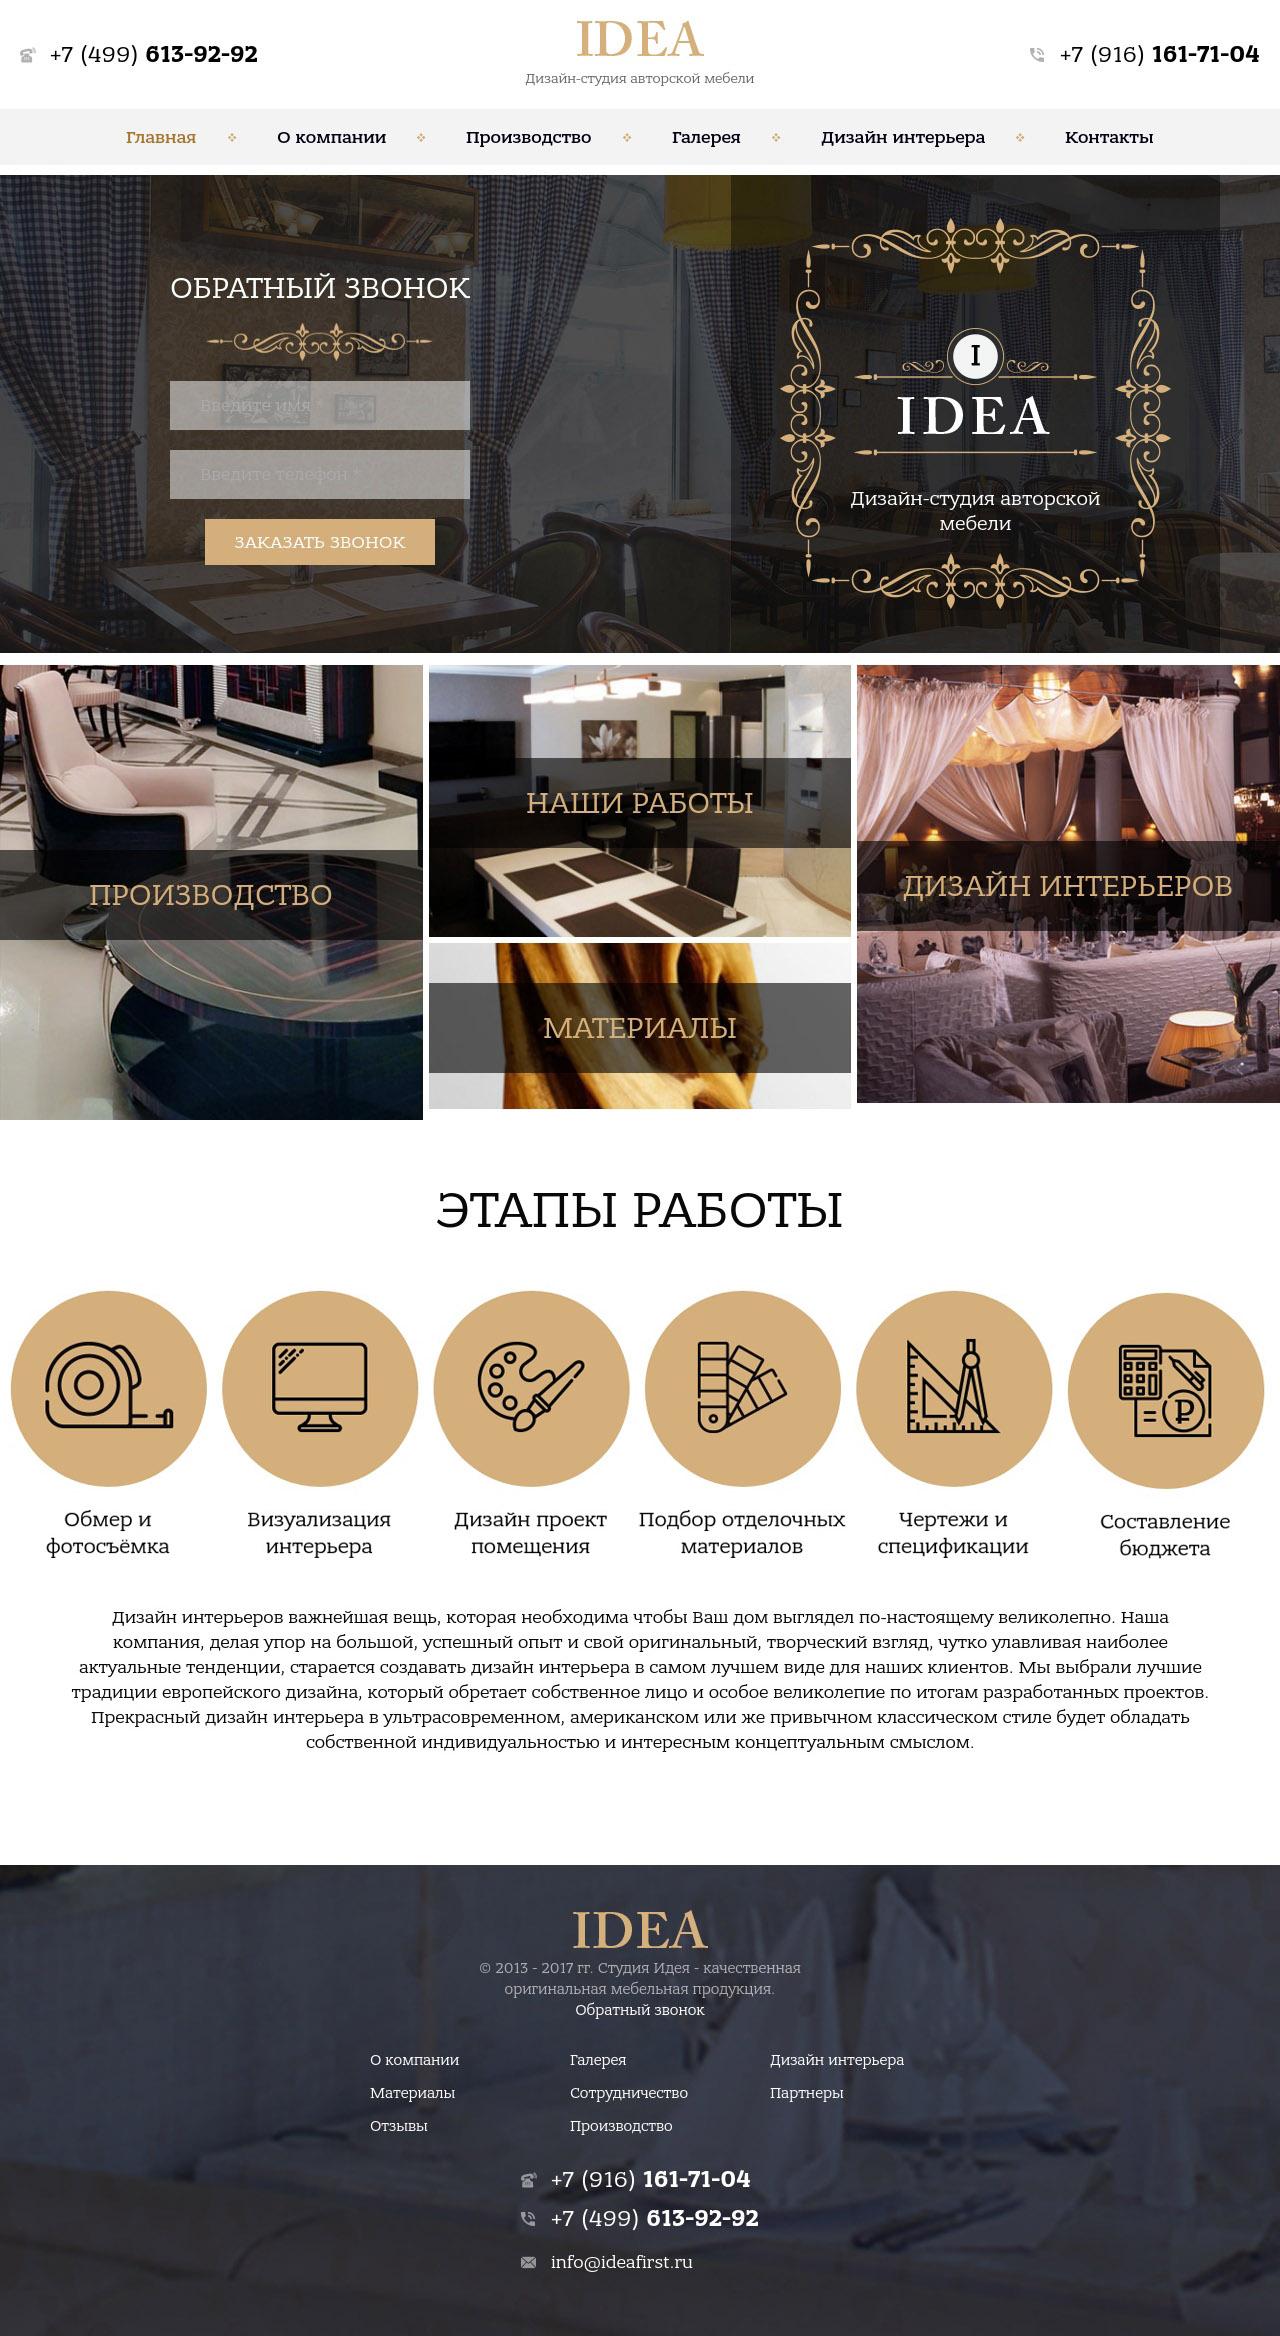 Сайт дизайн-студии